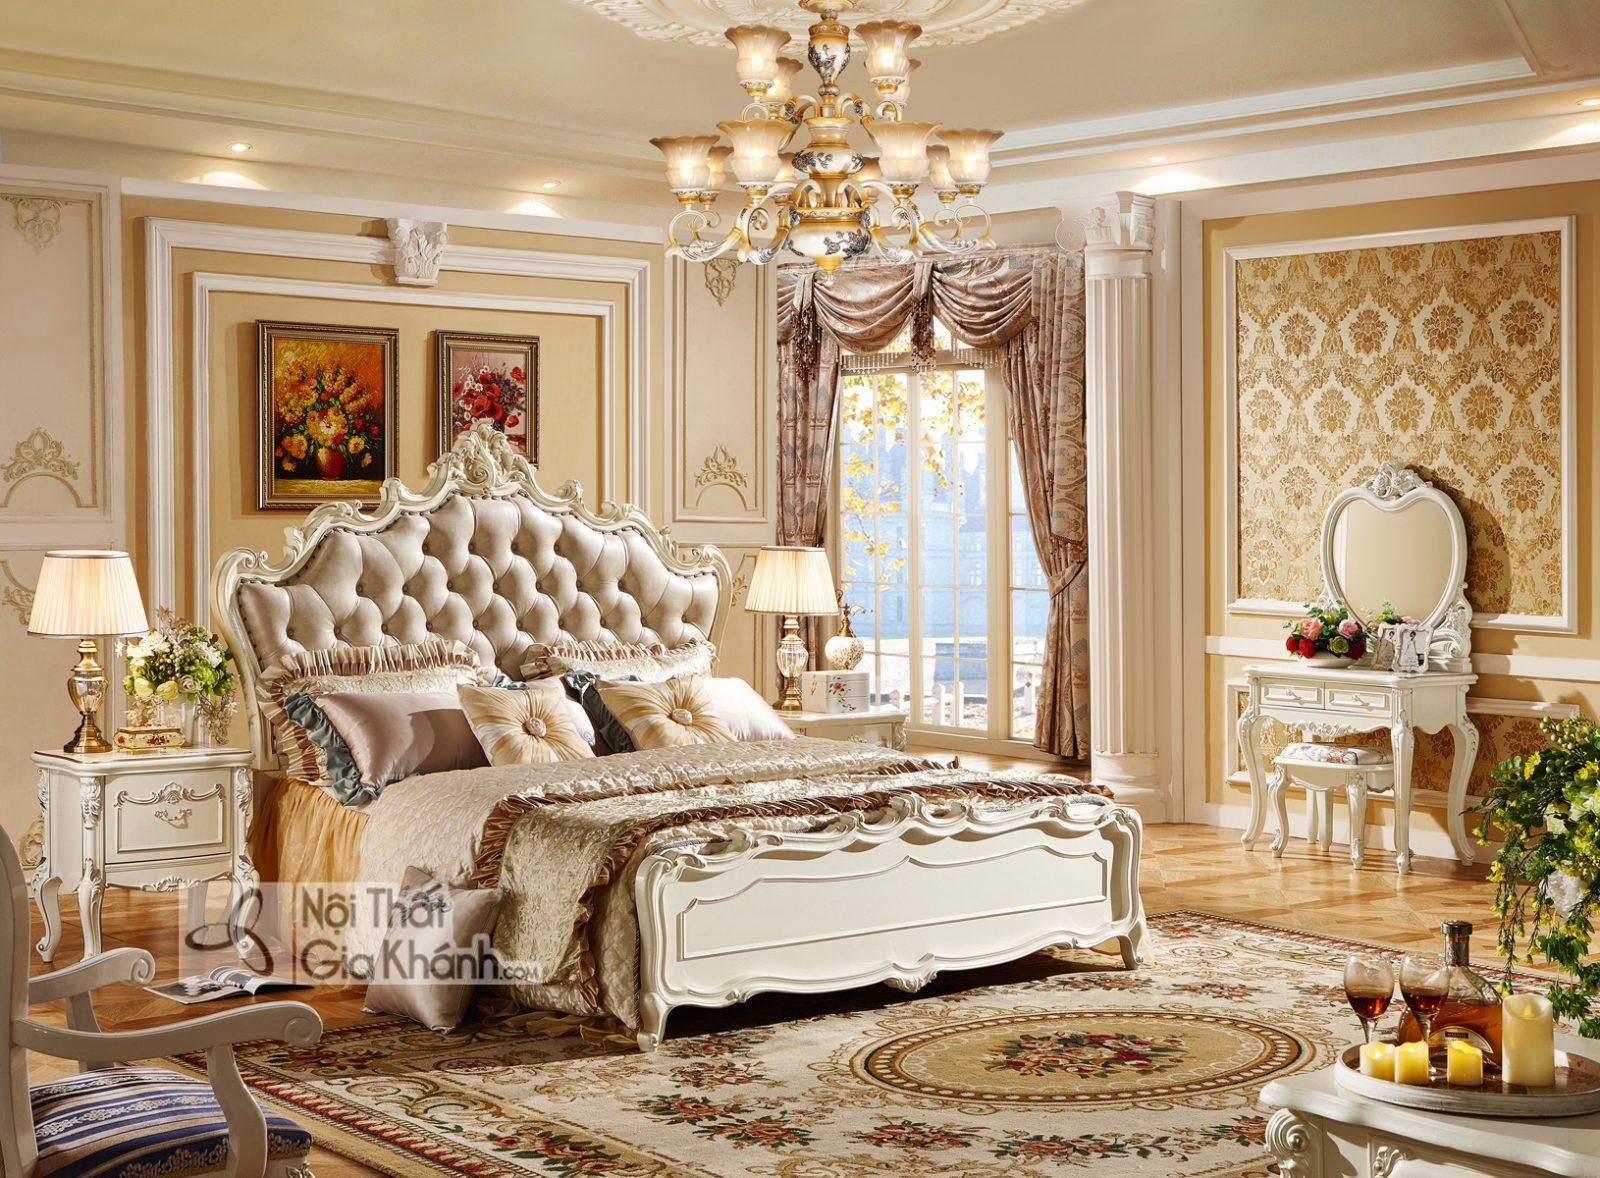 Mẫu Giường Ngủ Gỗ Đẹp Hoàng Gia Châu Âu GI8826H